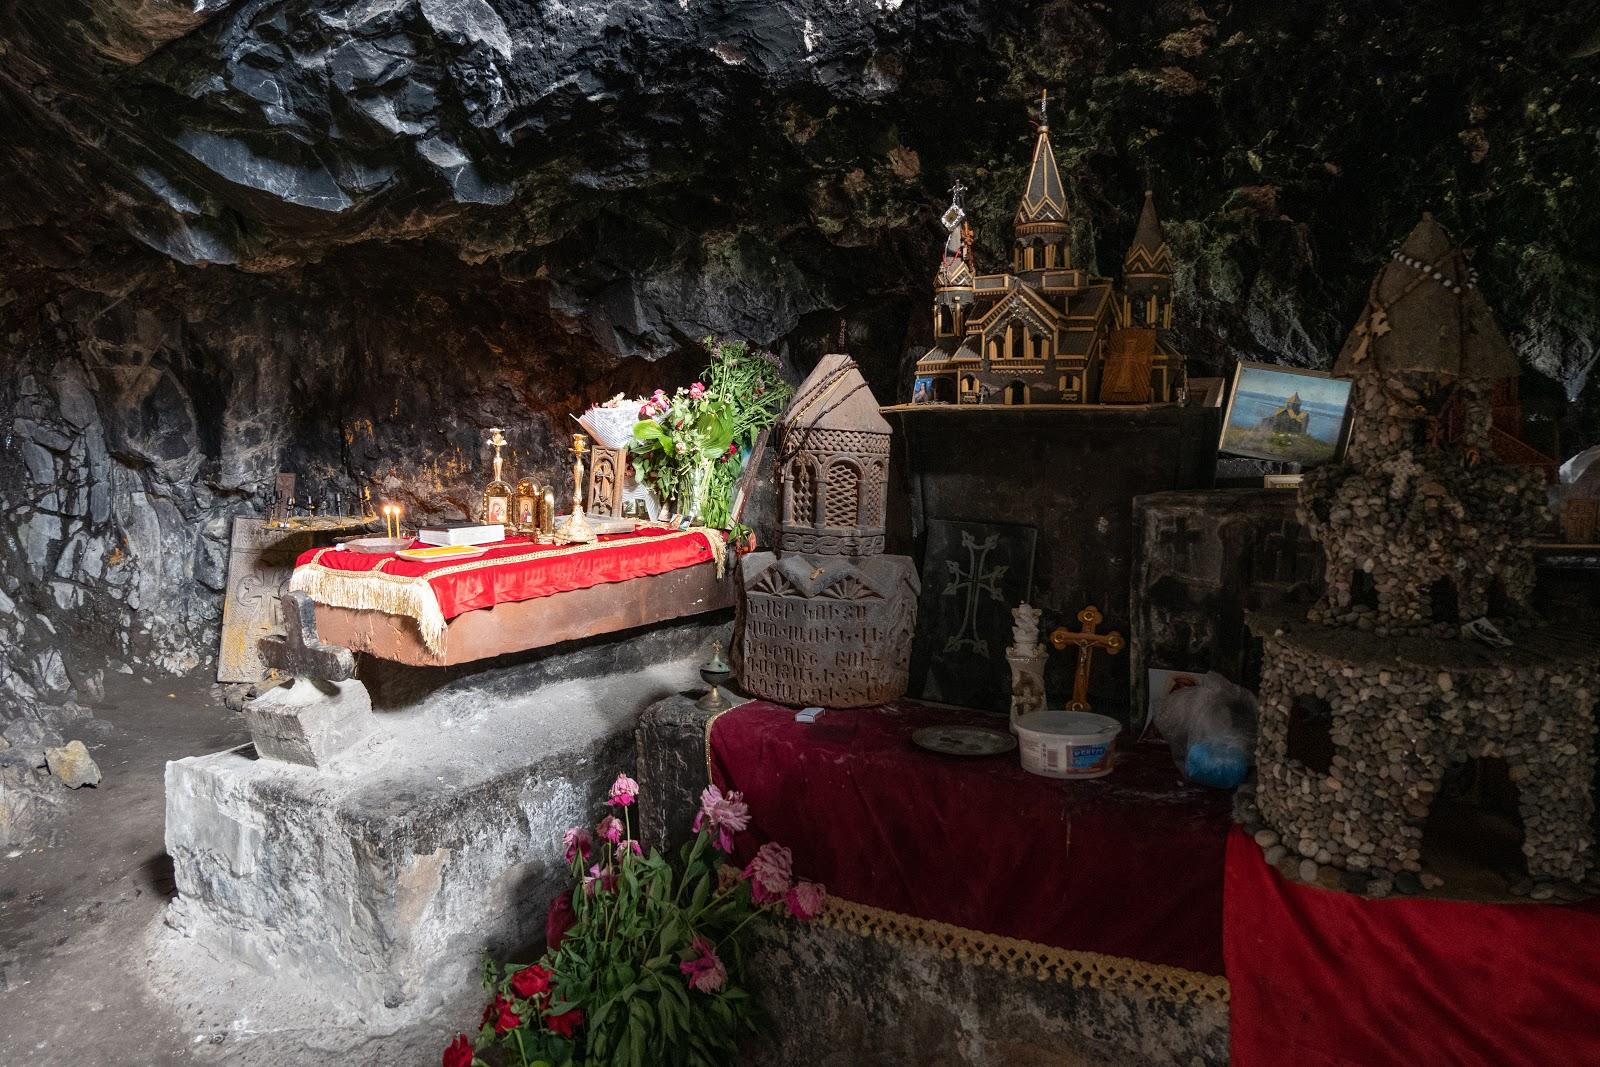 придорожное кафе в пещере армения фото ладу холодной